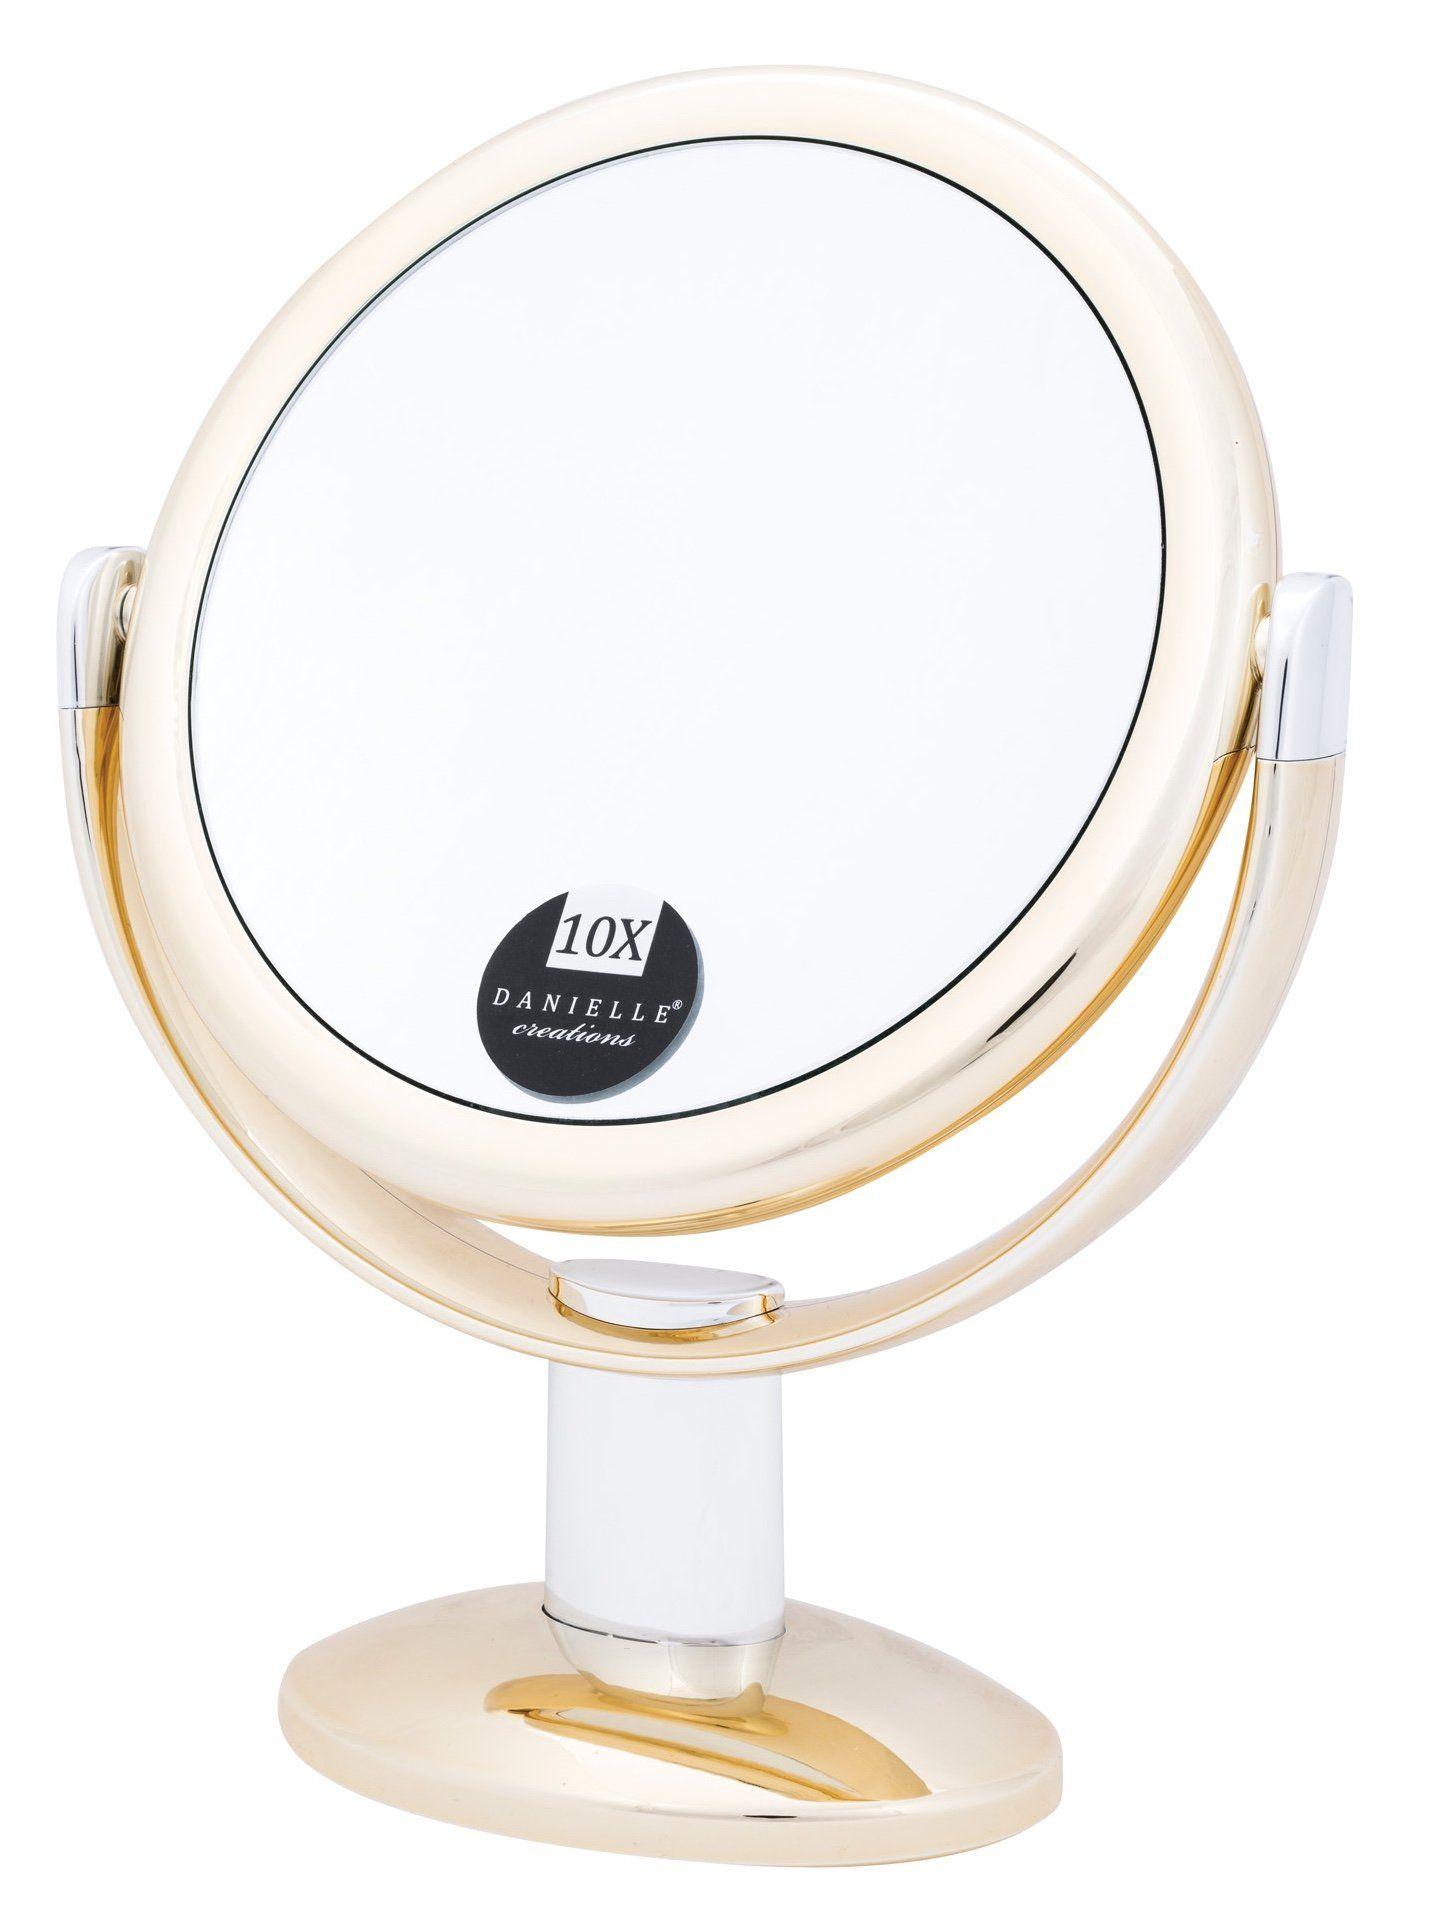 Danielle Enterprises 10x Magnification Round Vanity Mirror Gold Mirror Vanity Mirror Gold Mirror